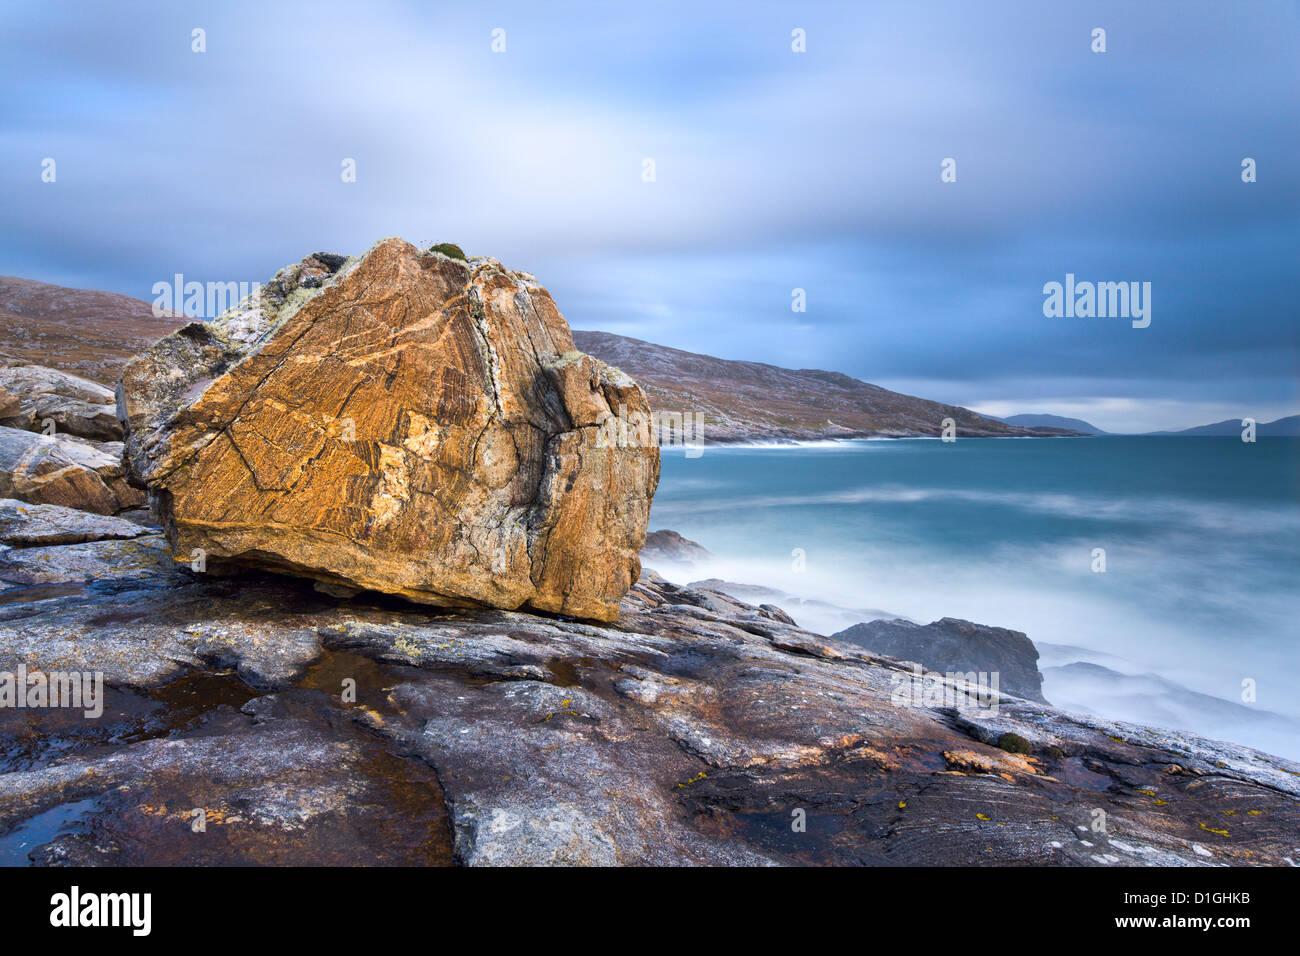 Gneiss Lewisian géant à Mealista rock sur la côte sud-ouest de l'île de Lewis, Lewis, Hébrides Photo Stock